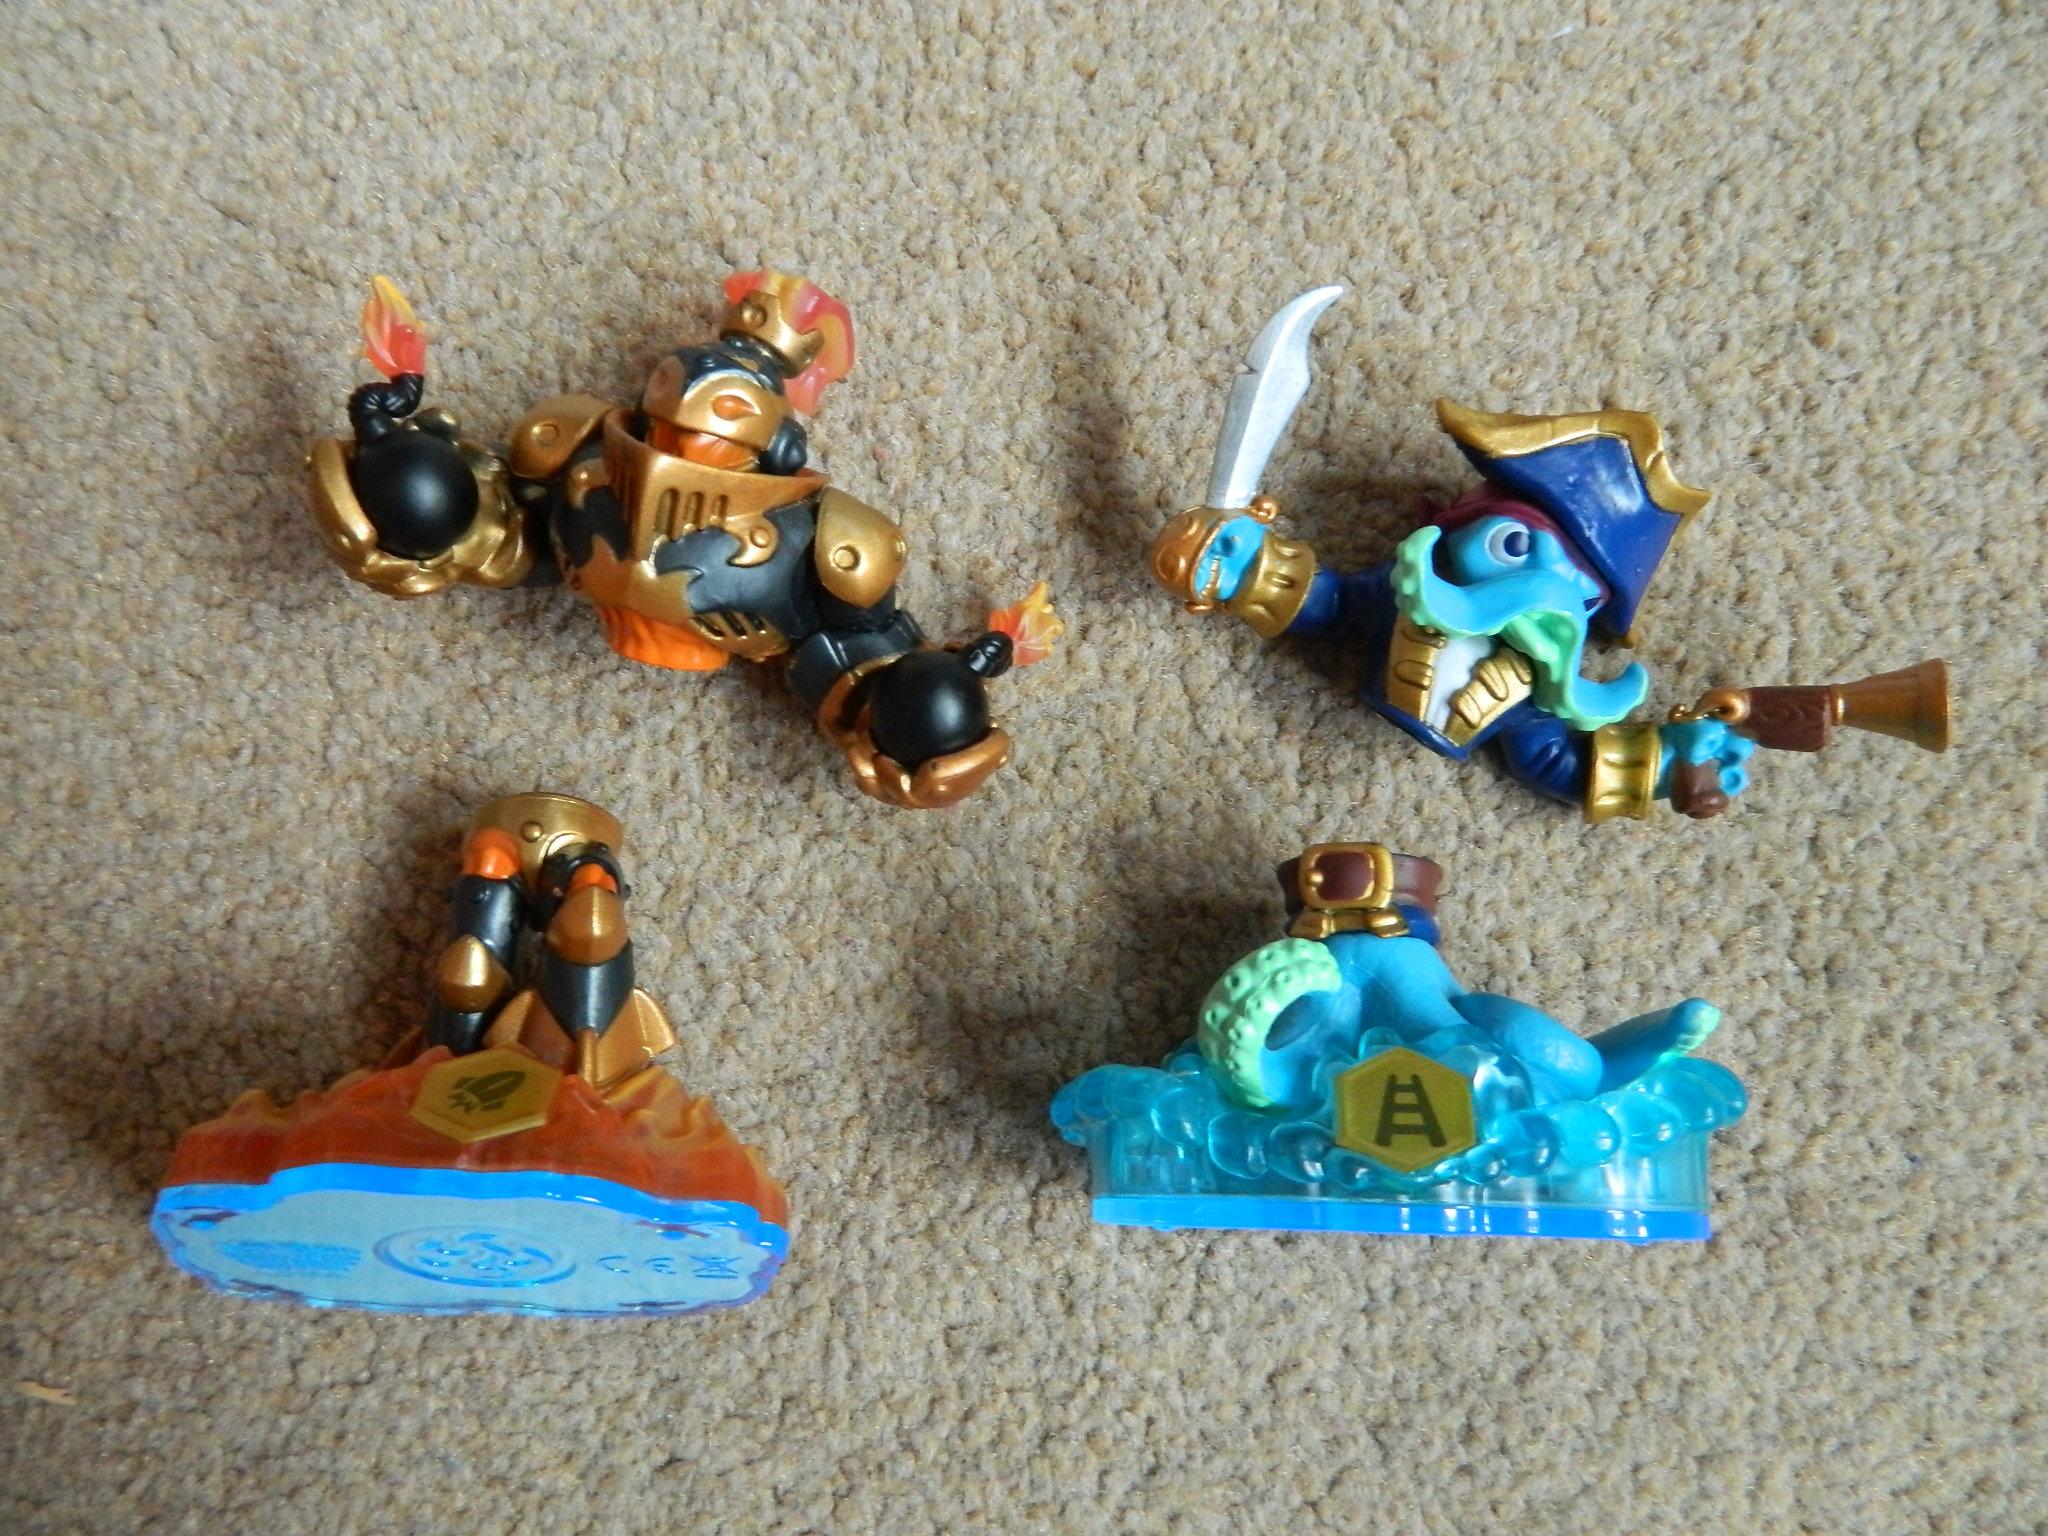 Nintendo Wii U Skylanders Swap Force